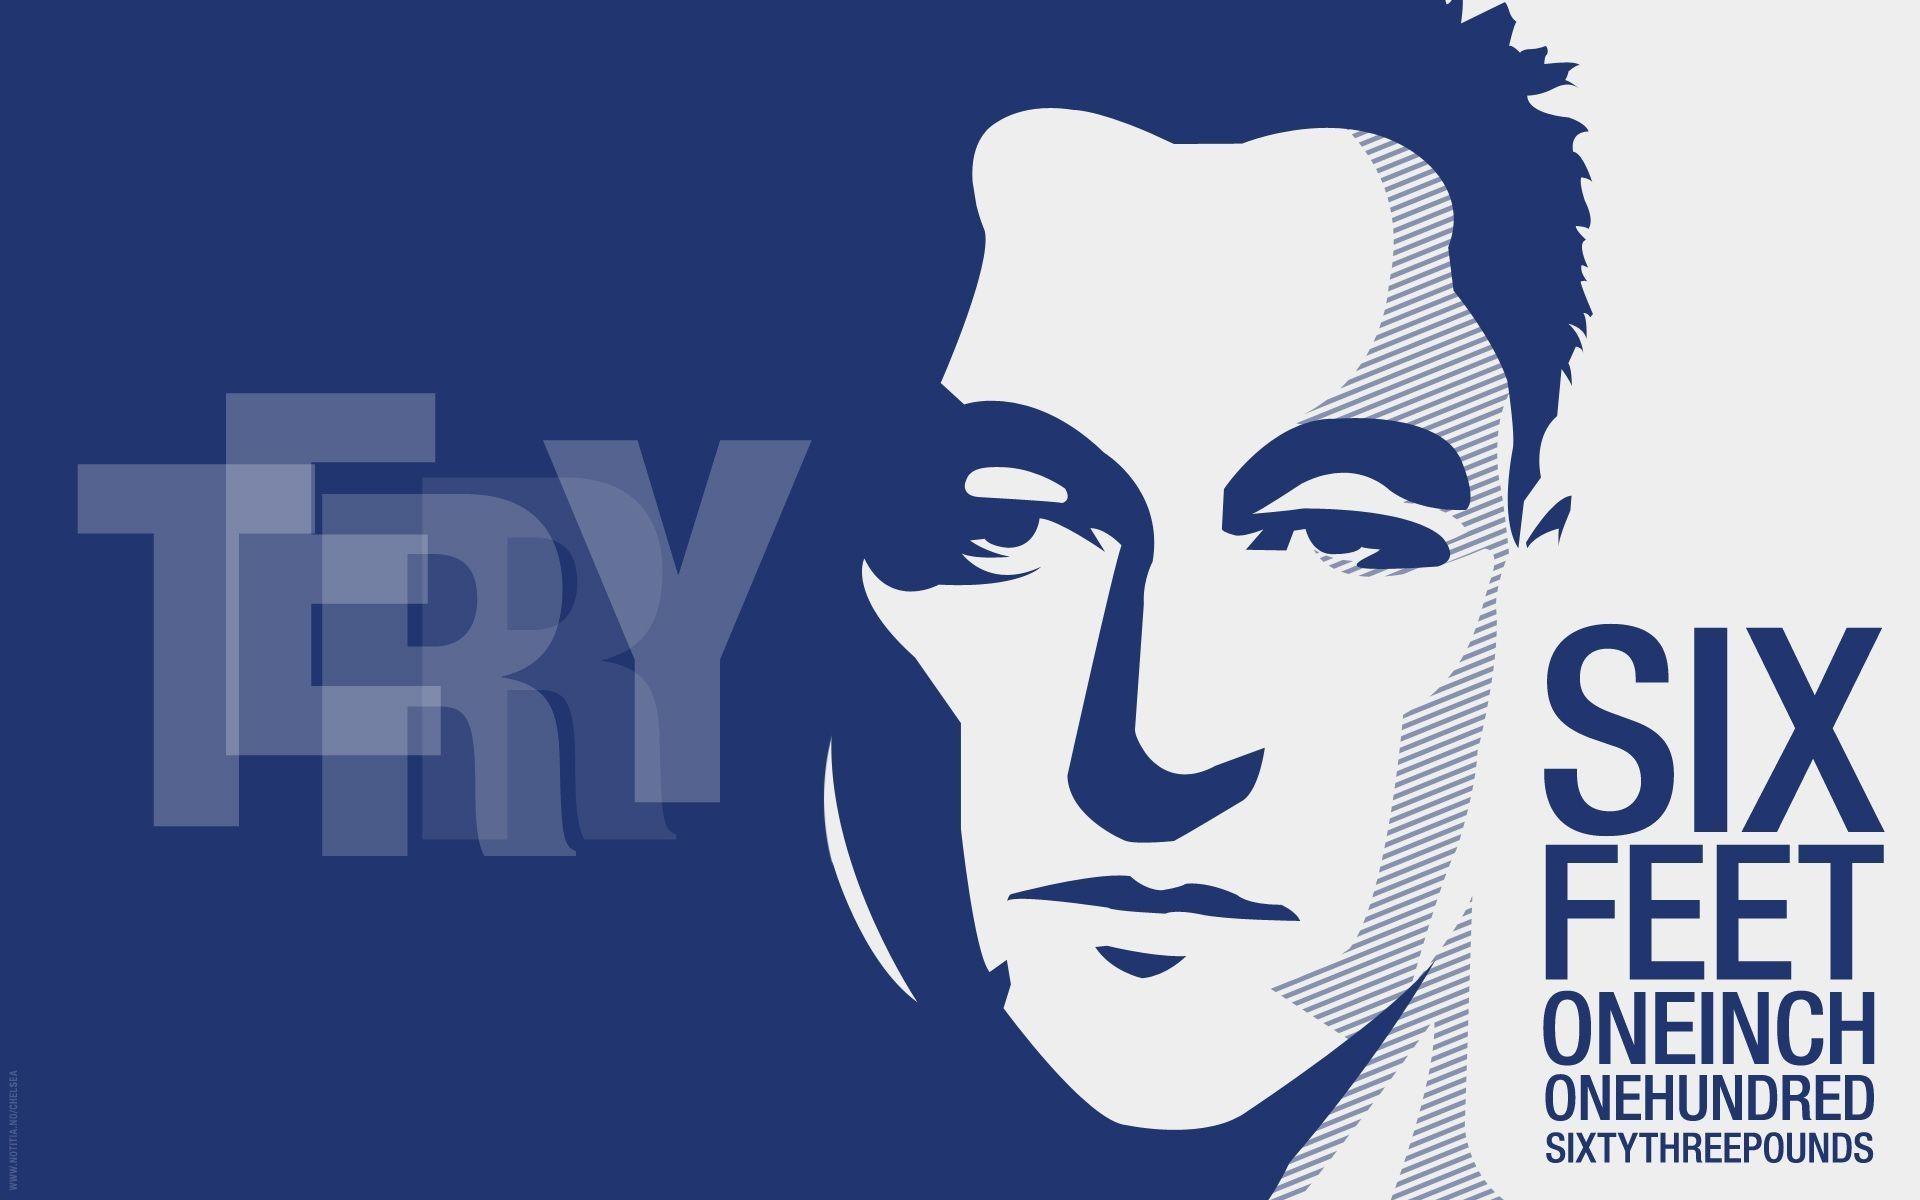 John-Terry-2015-Chelsea-FC-Wallpaper.jpg